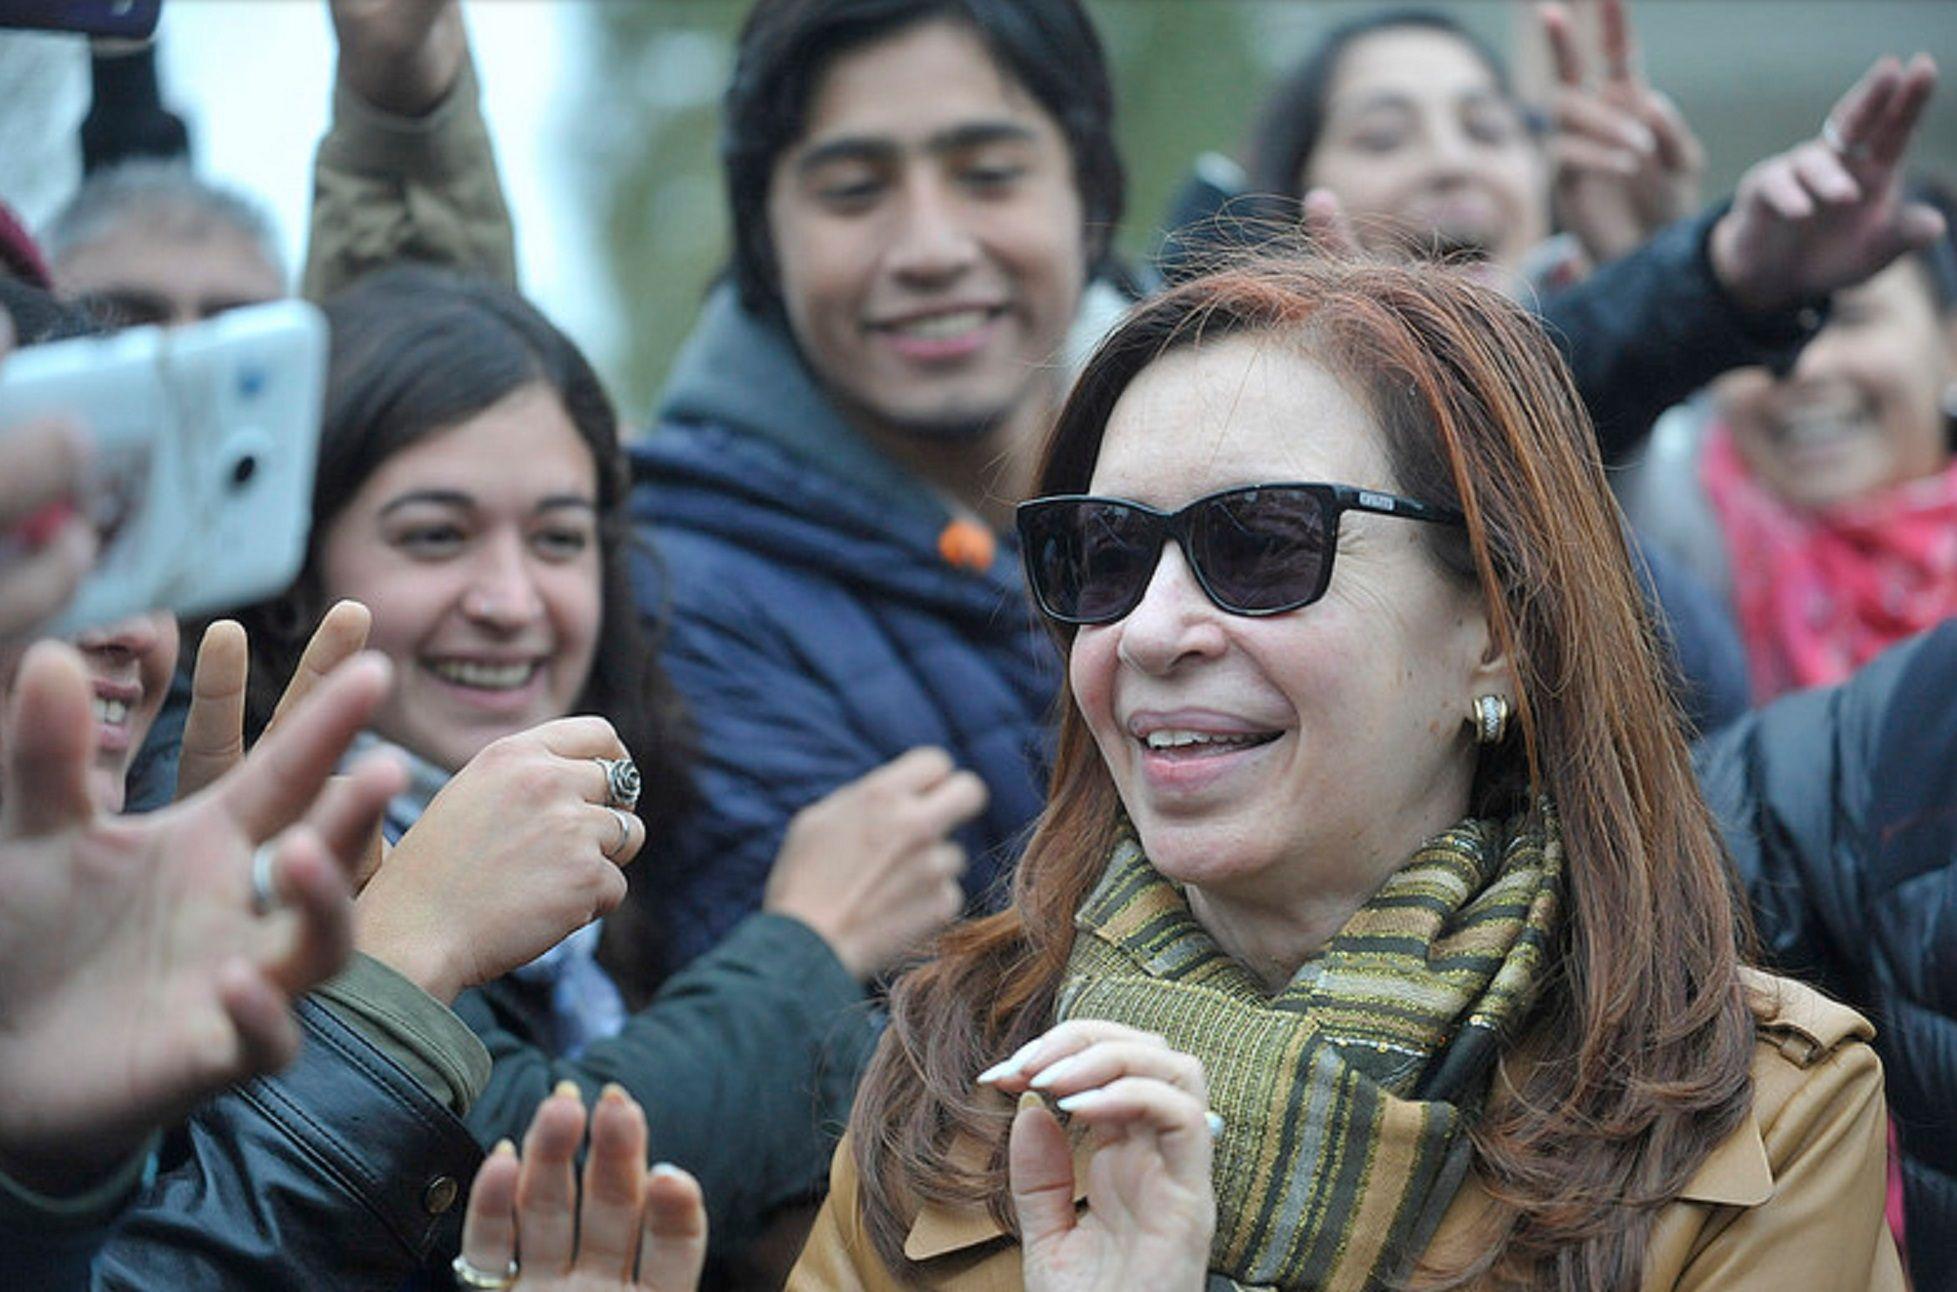 Cristina Kirchner regresó al país luego de su viaje a Europa